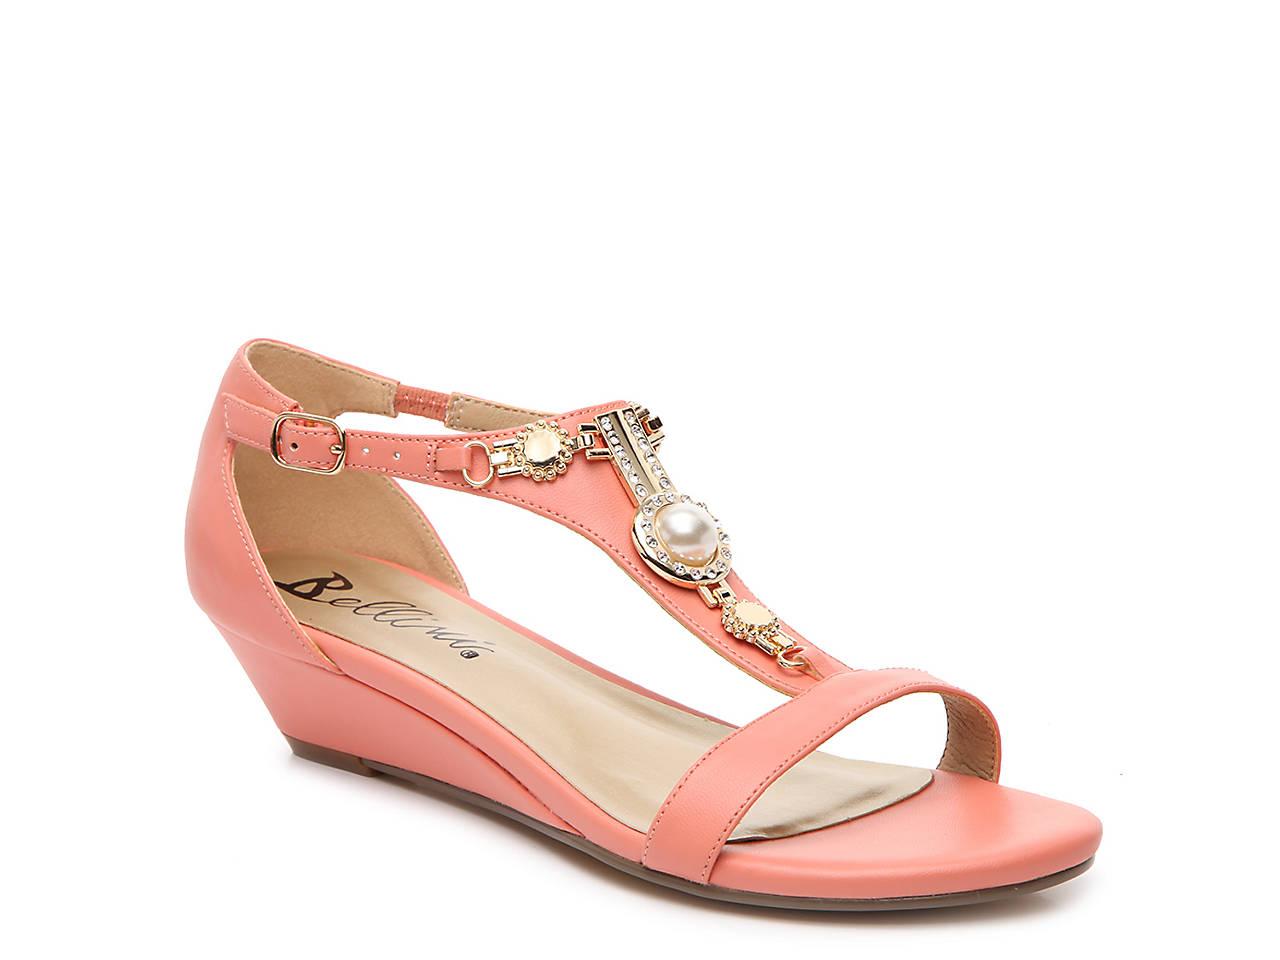 87edd9d9c0a Bellini Shoes